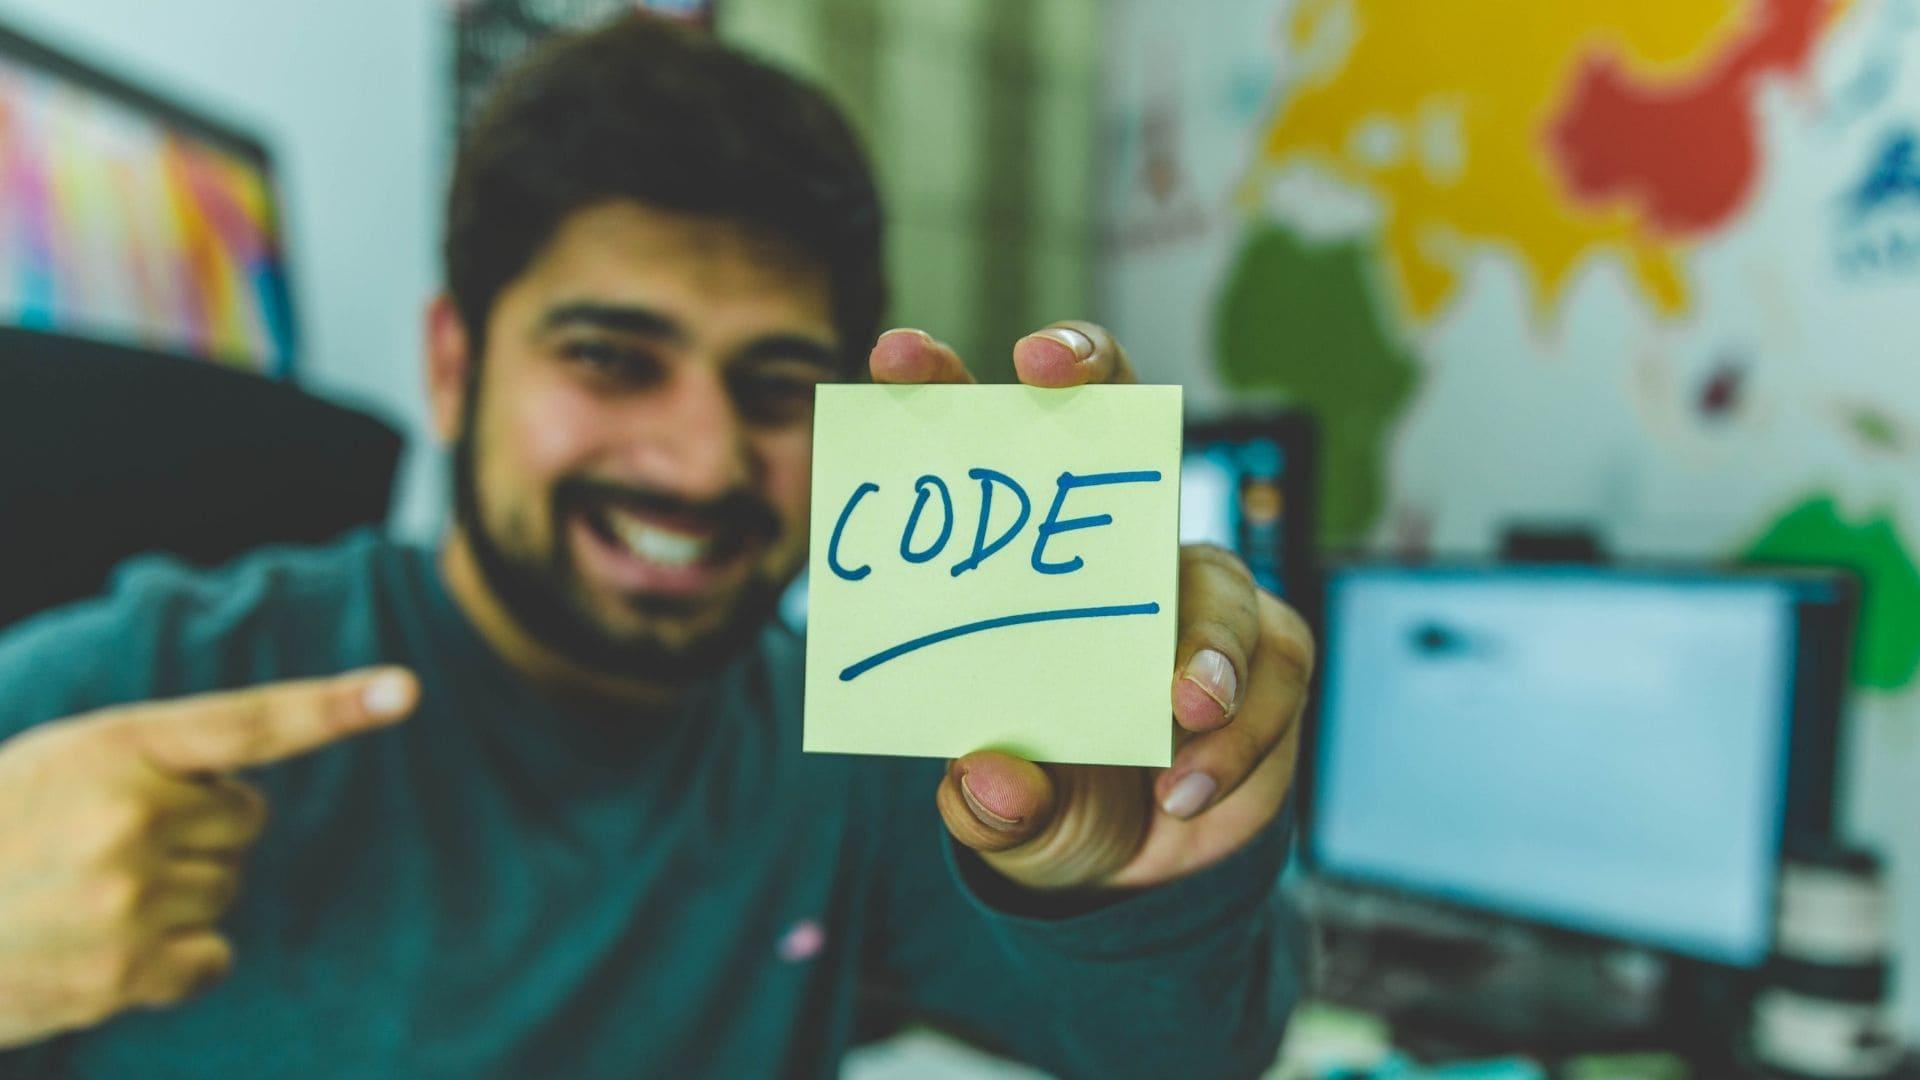 プログラミング初心者 コード